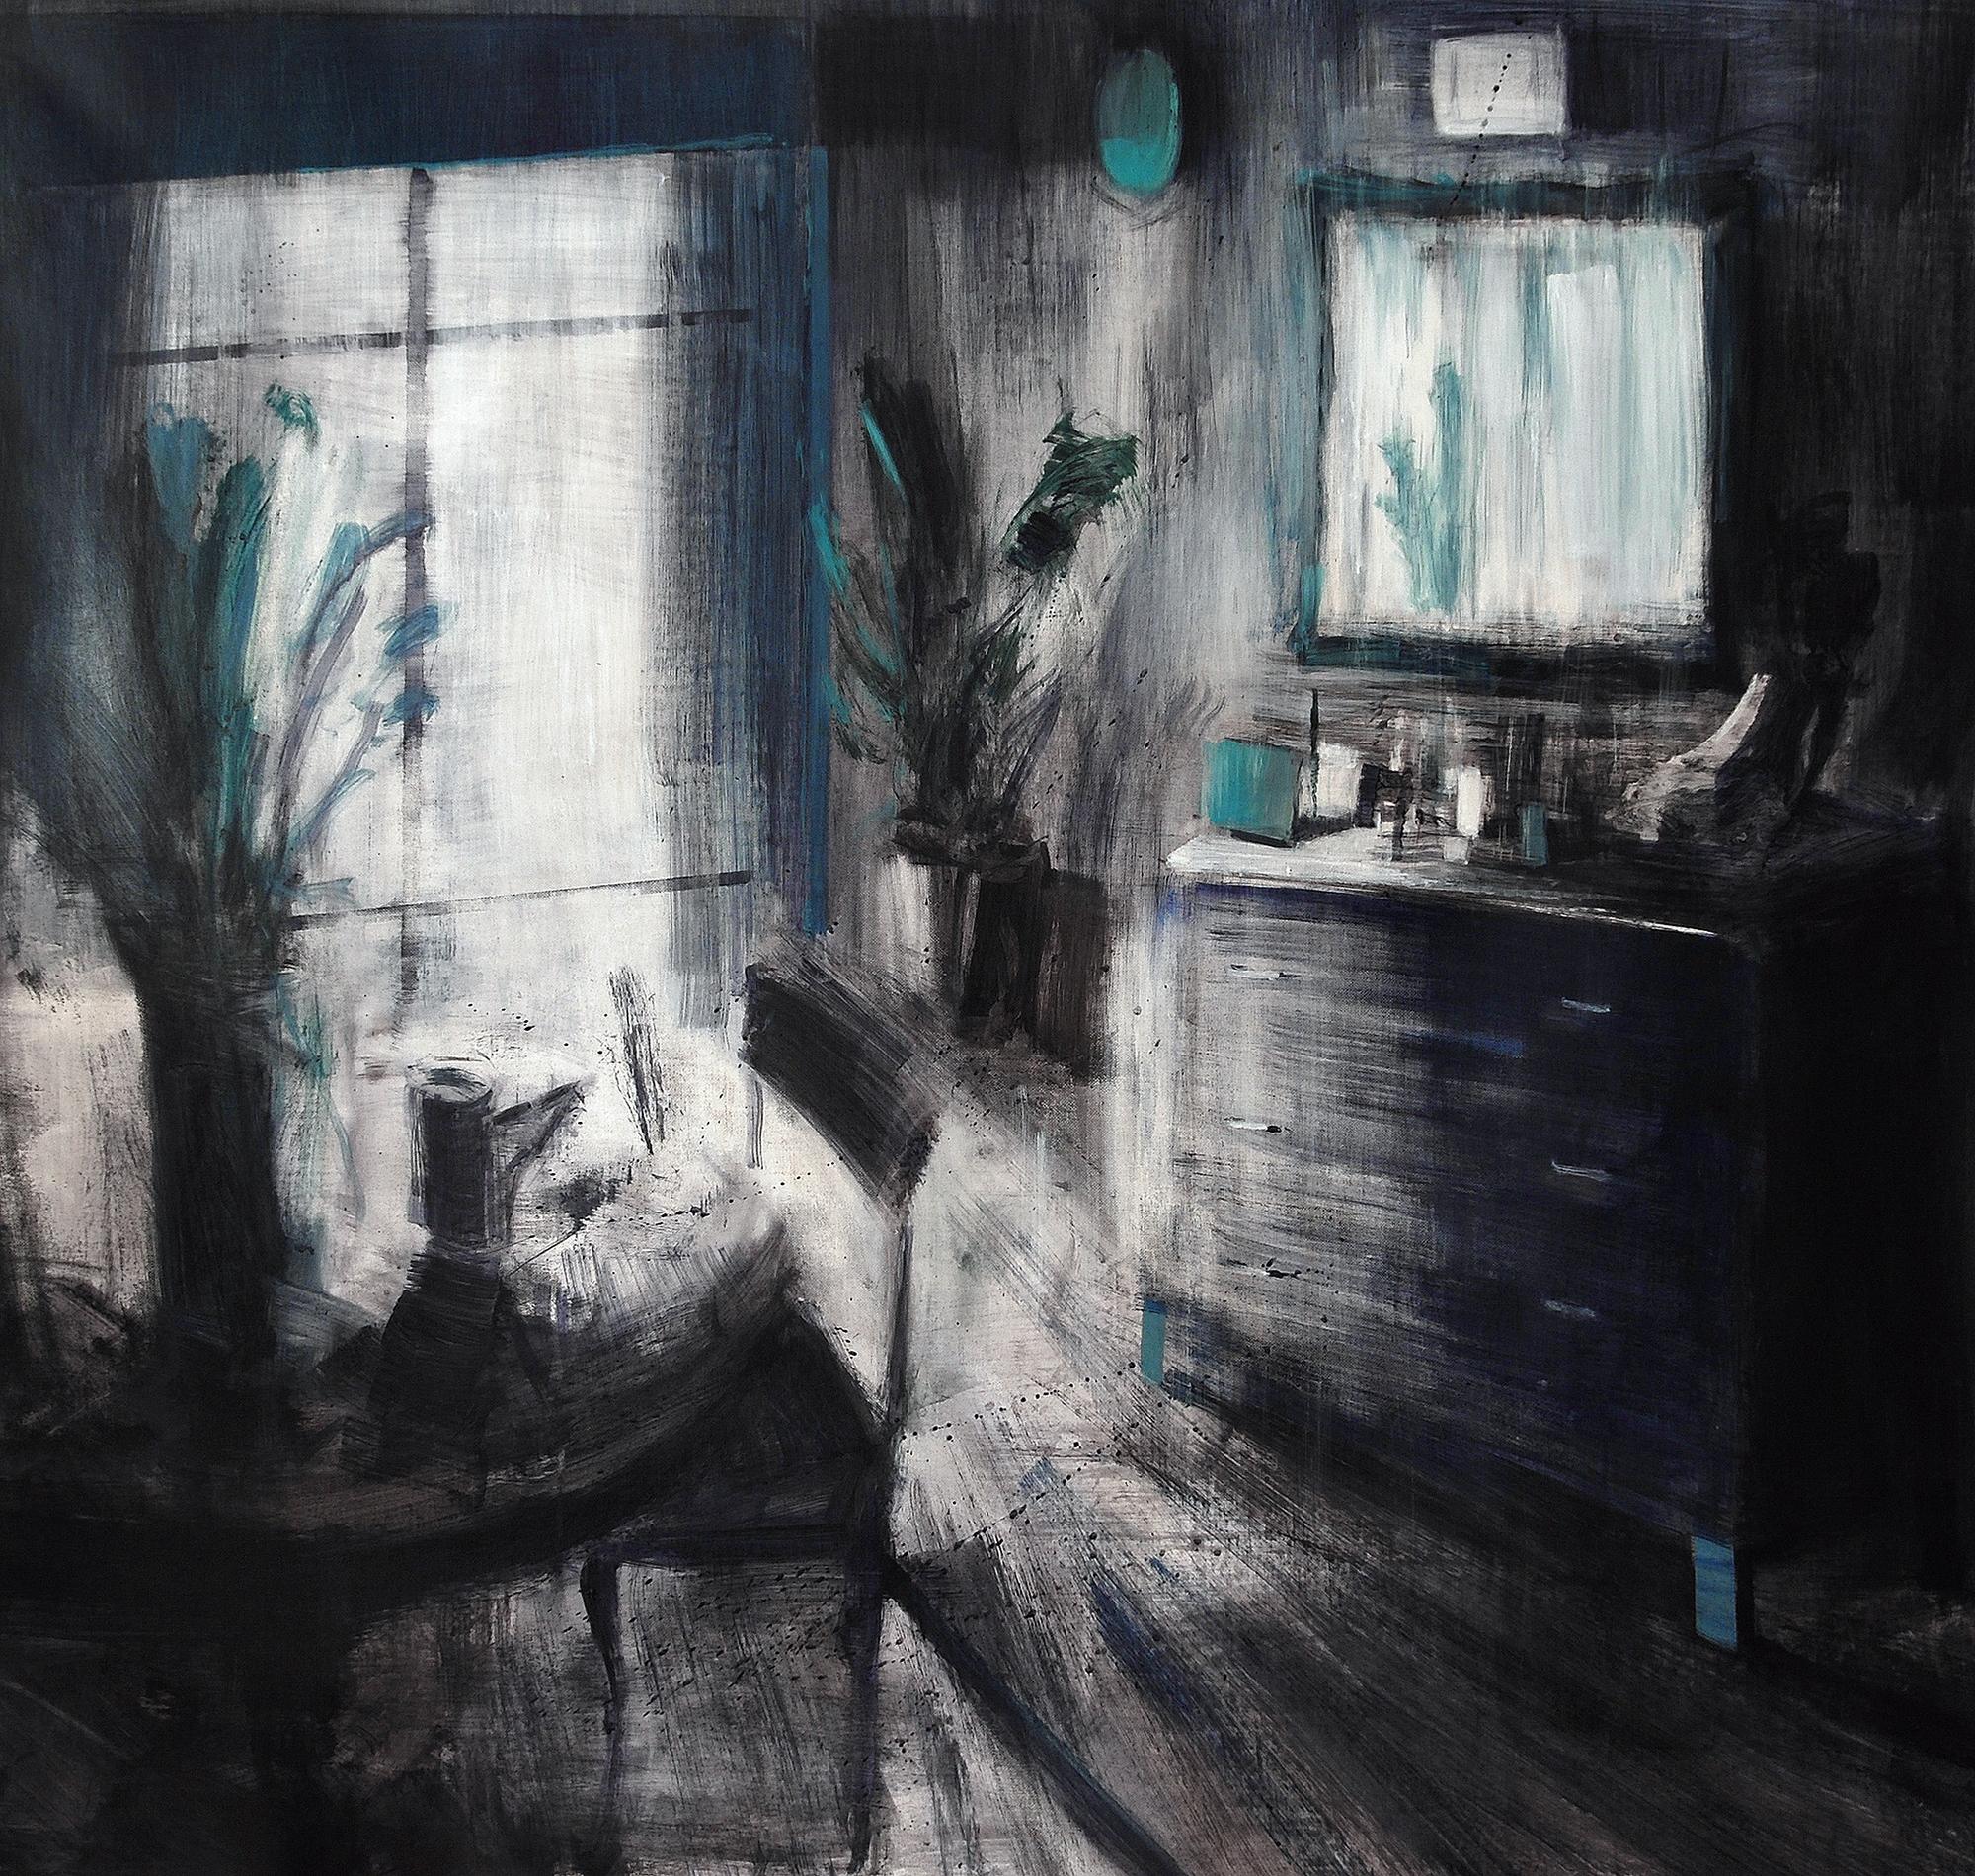 """Tina Sgrò, """"Tondo"""" (Dettaglio), 2014, Acrilico Su Tela, Courtesy L'Artista"""